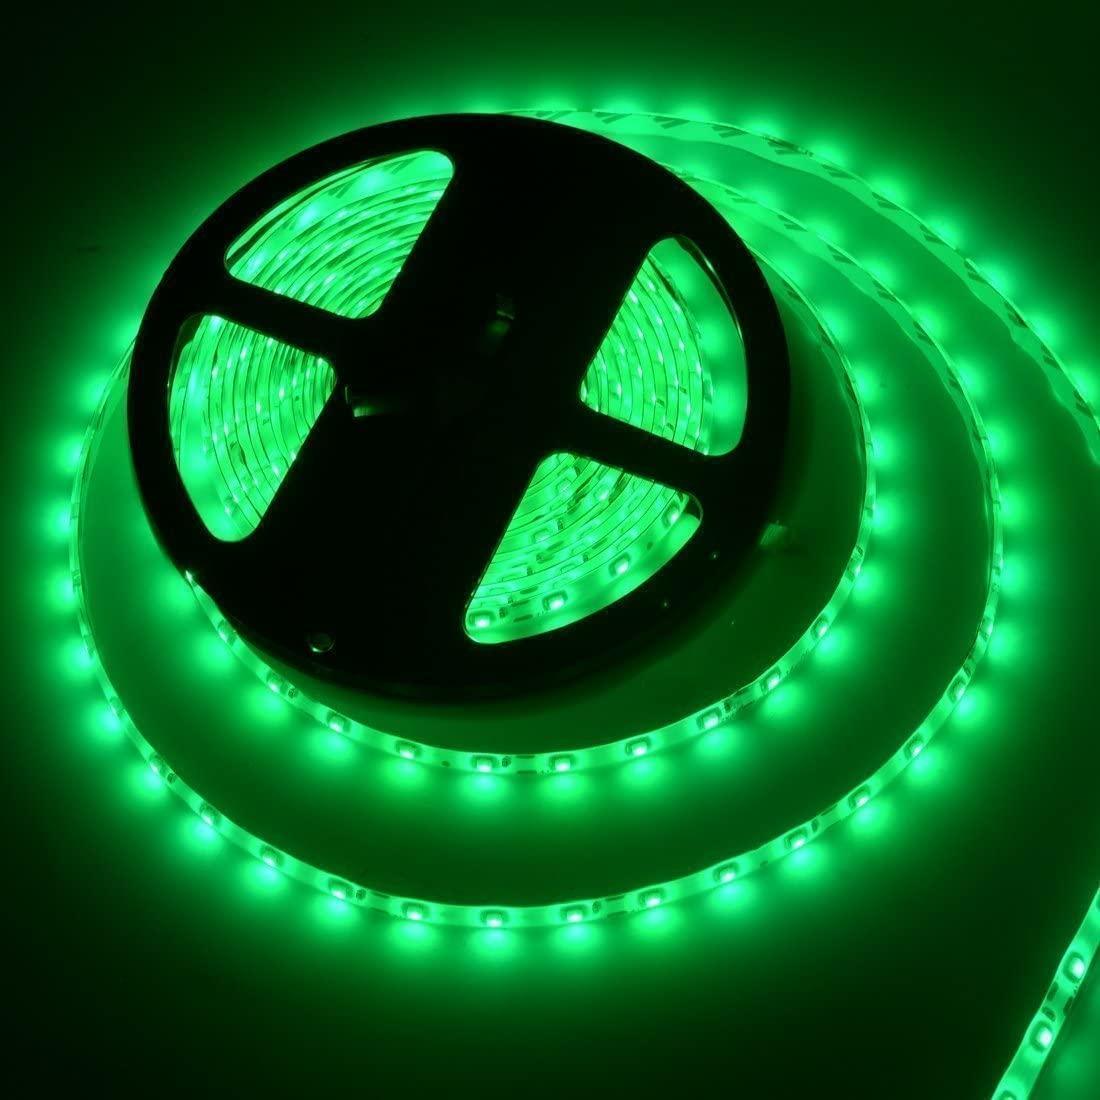 Стрічка зелена 14,4W/м вологозихищена 60LED/м IP65 світлодіодна МТК-300GF5050-12 №1